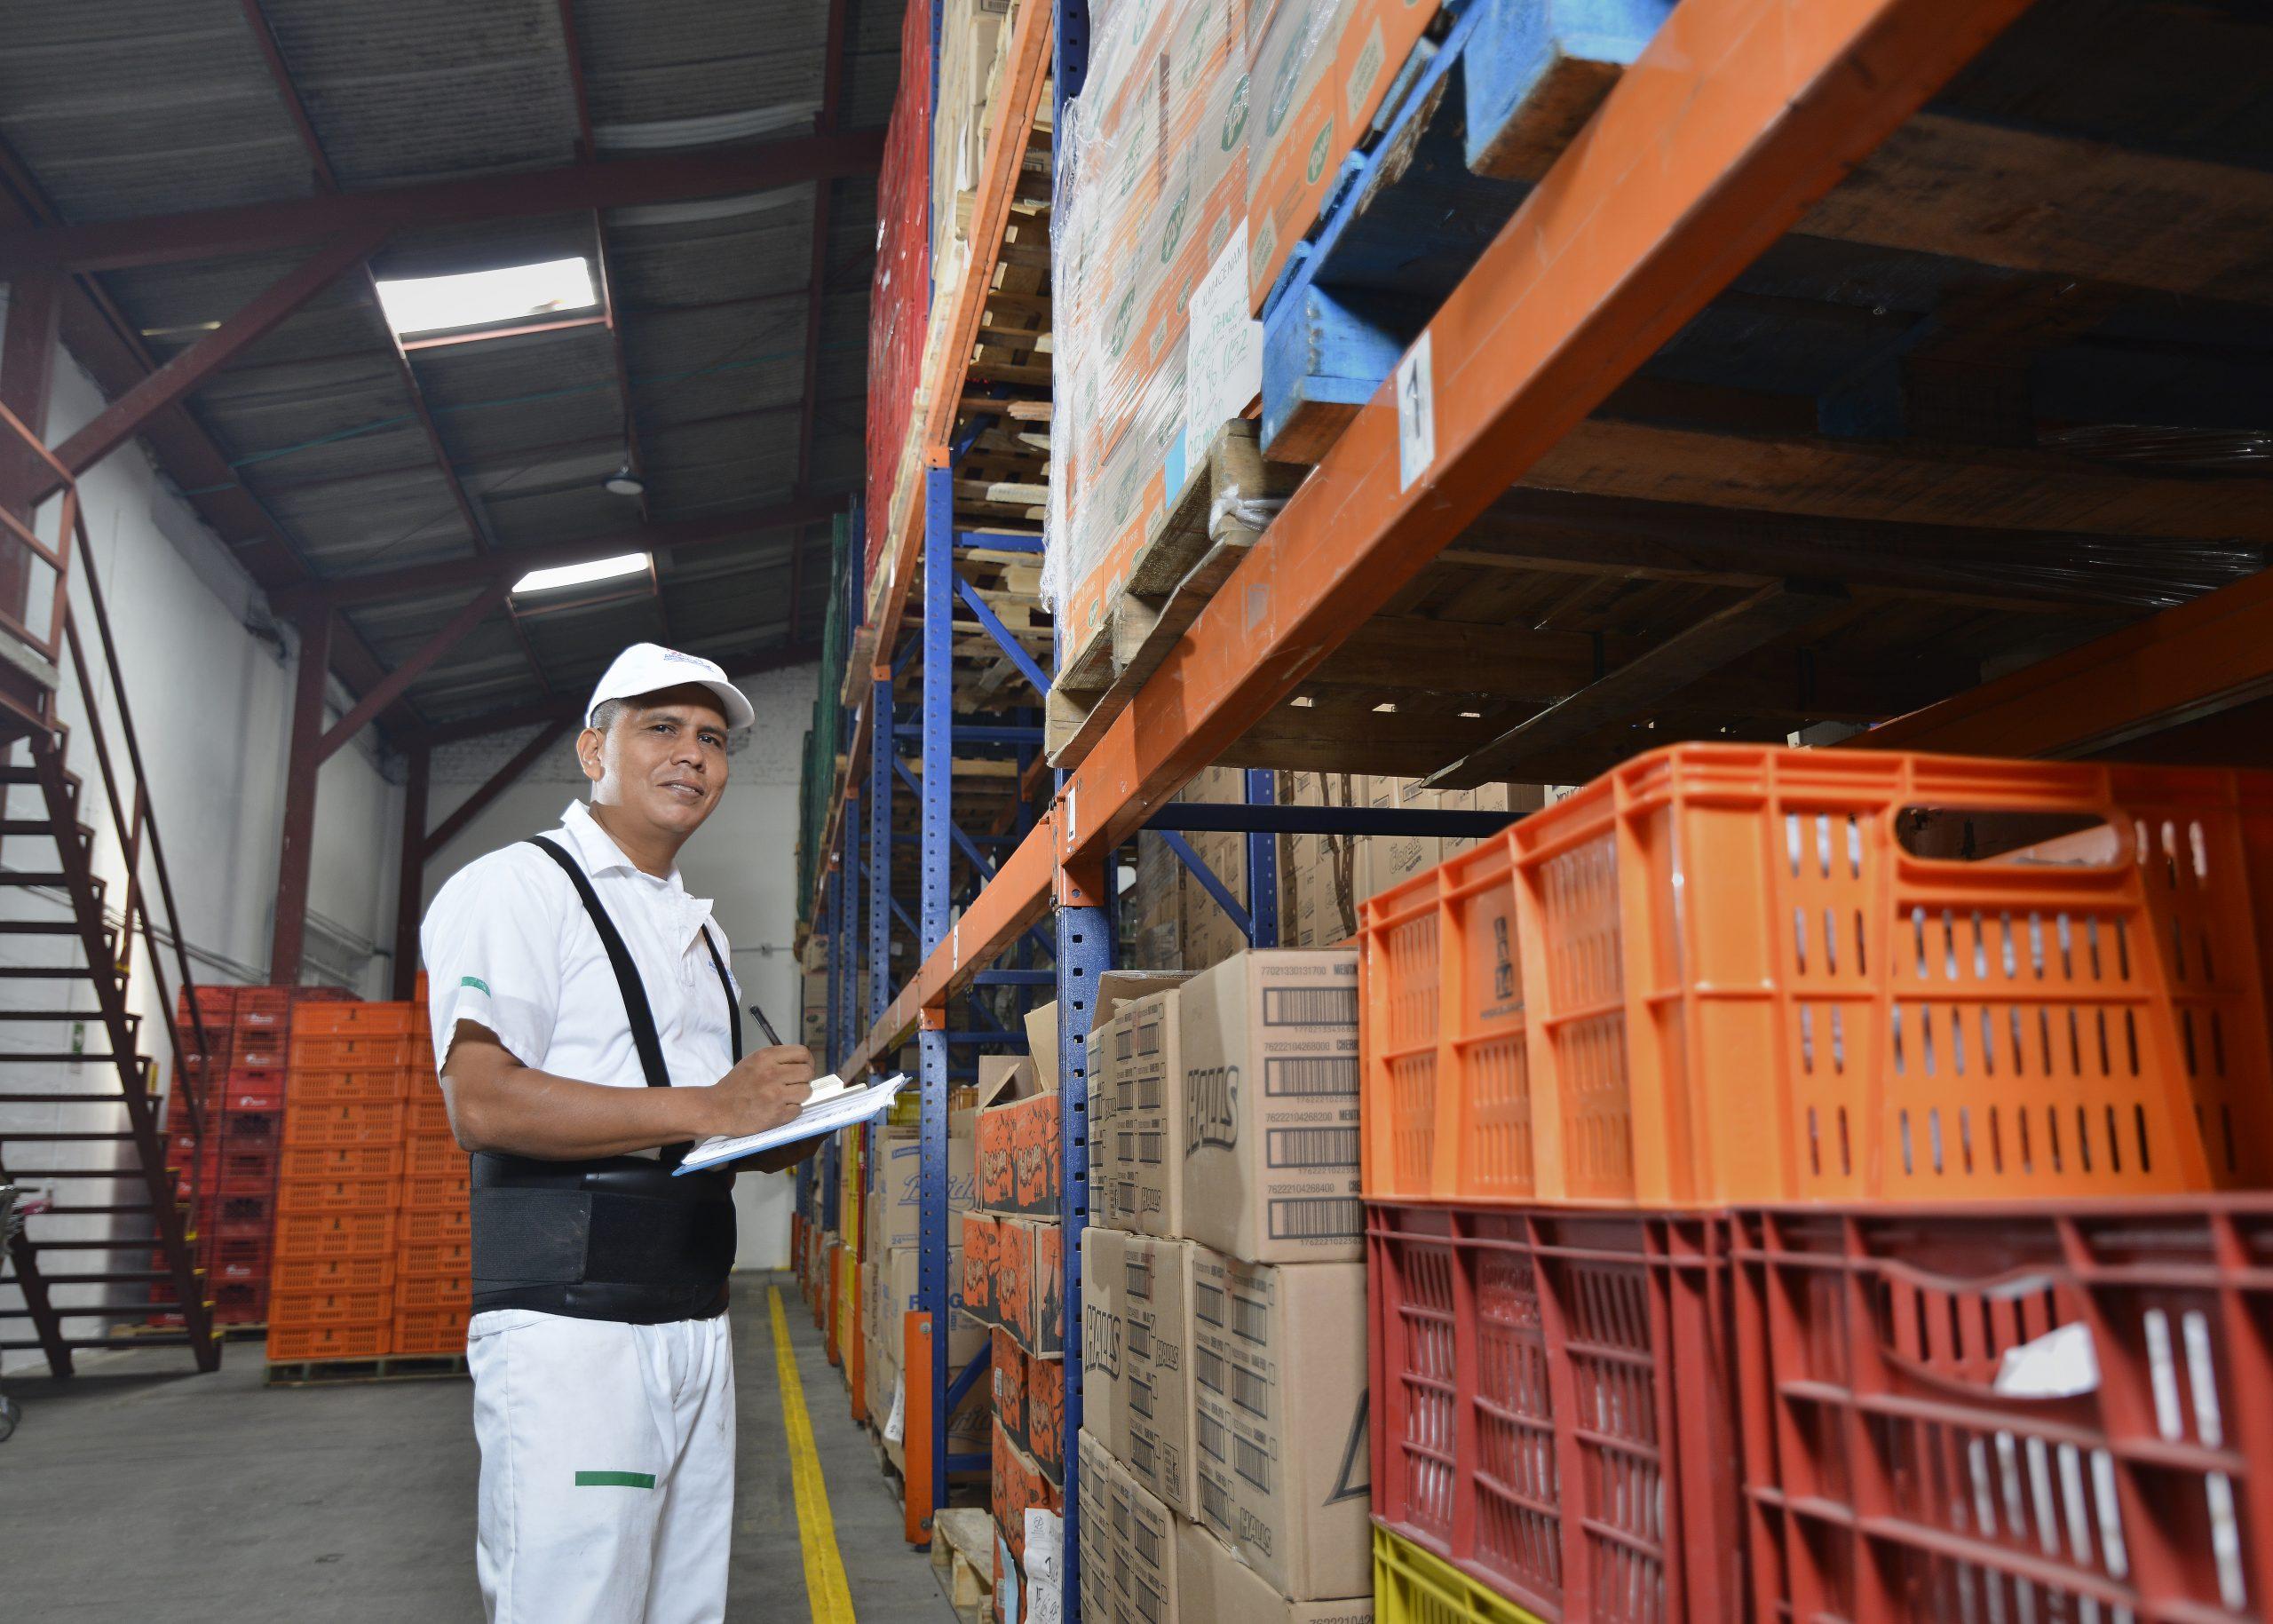 ¿Cómo realizar acciones de responsabilidad social contra el Desperdicio de Alimentos?